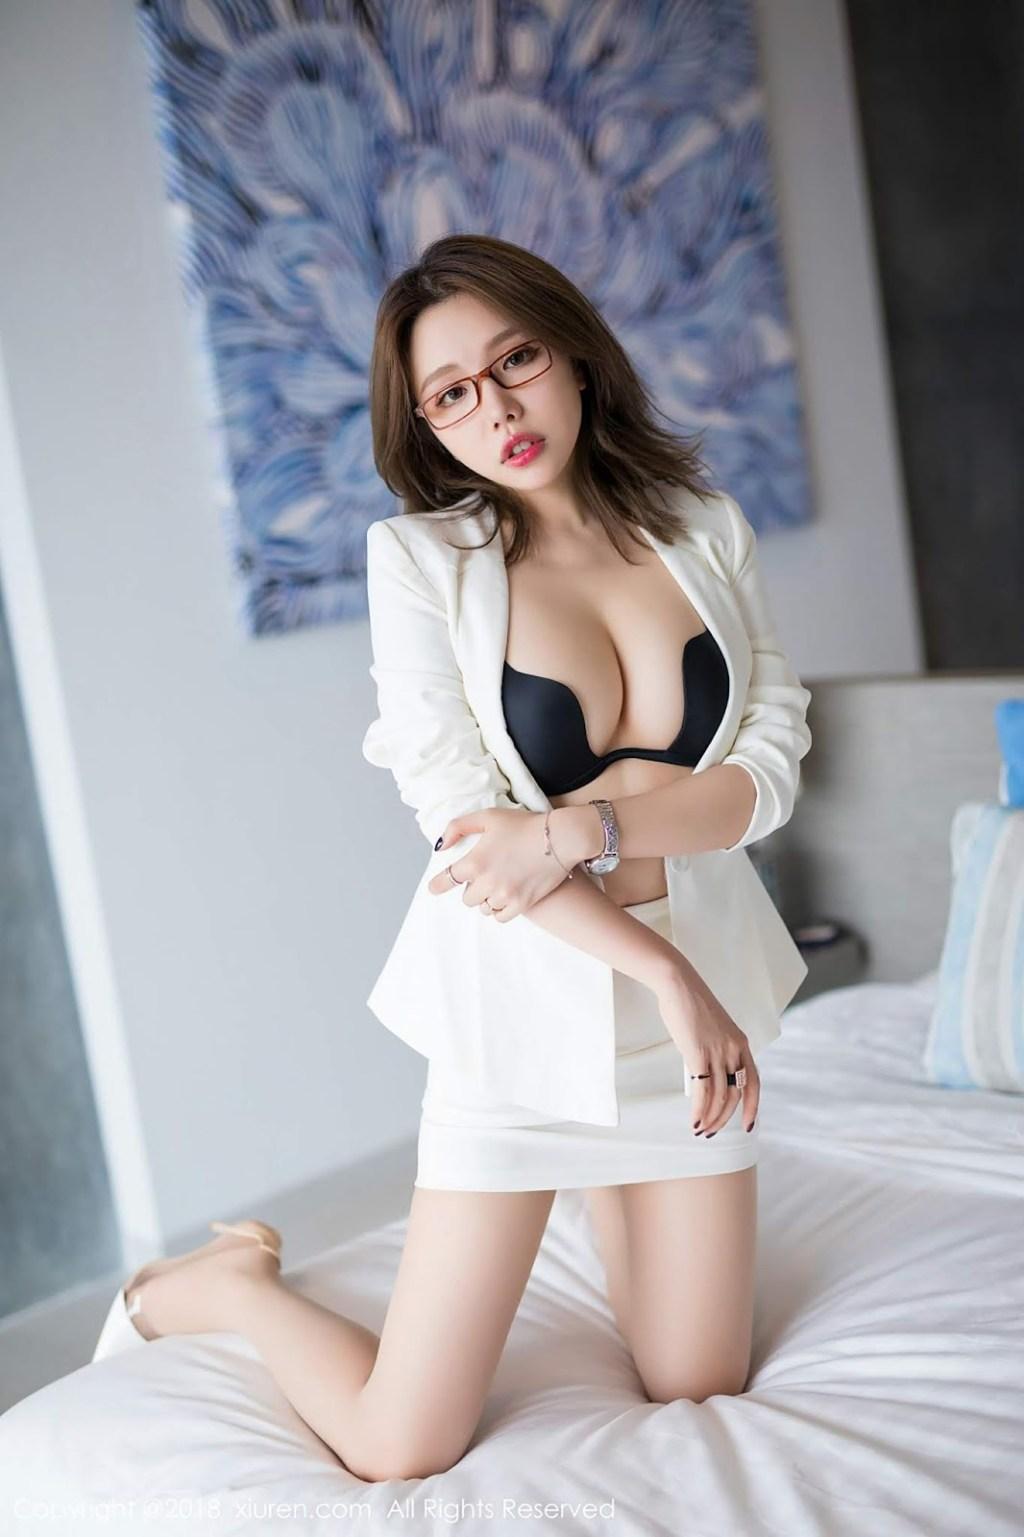 No.095 Model Huang Le Ran (黄楽然) || Pics Global